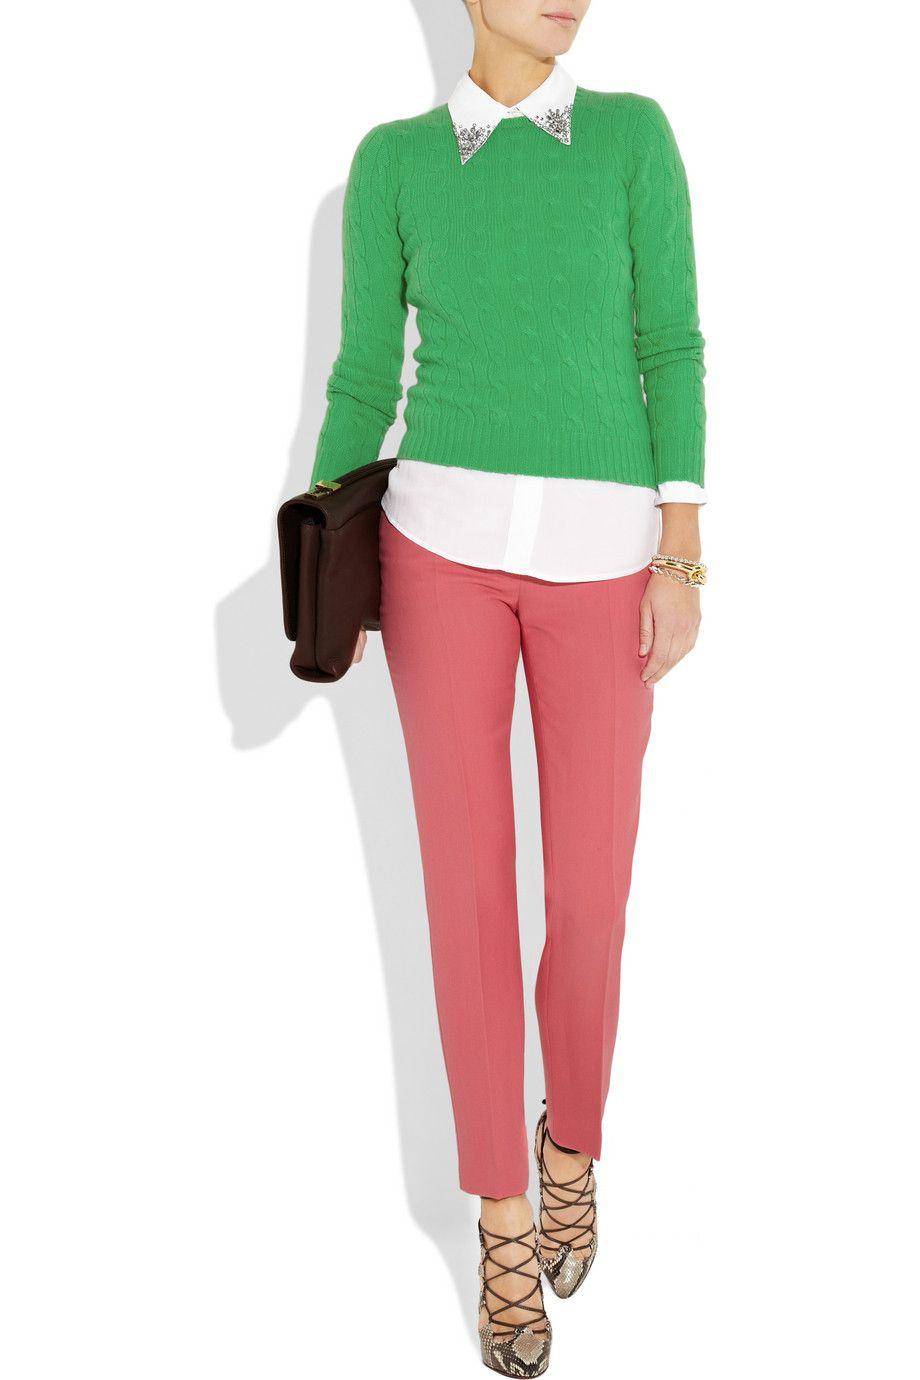 Ralph Lauren Black Label sweater, Equipment top, Emilio Pucci ...